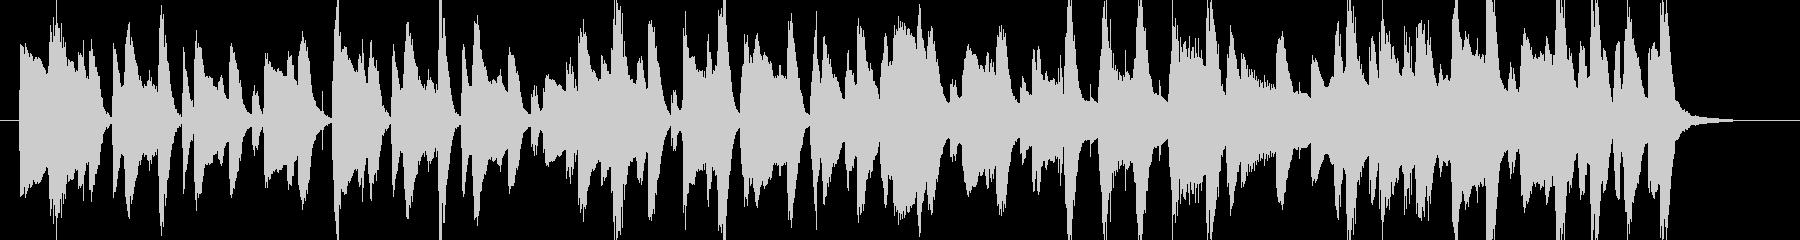 ポップでゆったりしたBGM・ループ楽曲の未再生の波形